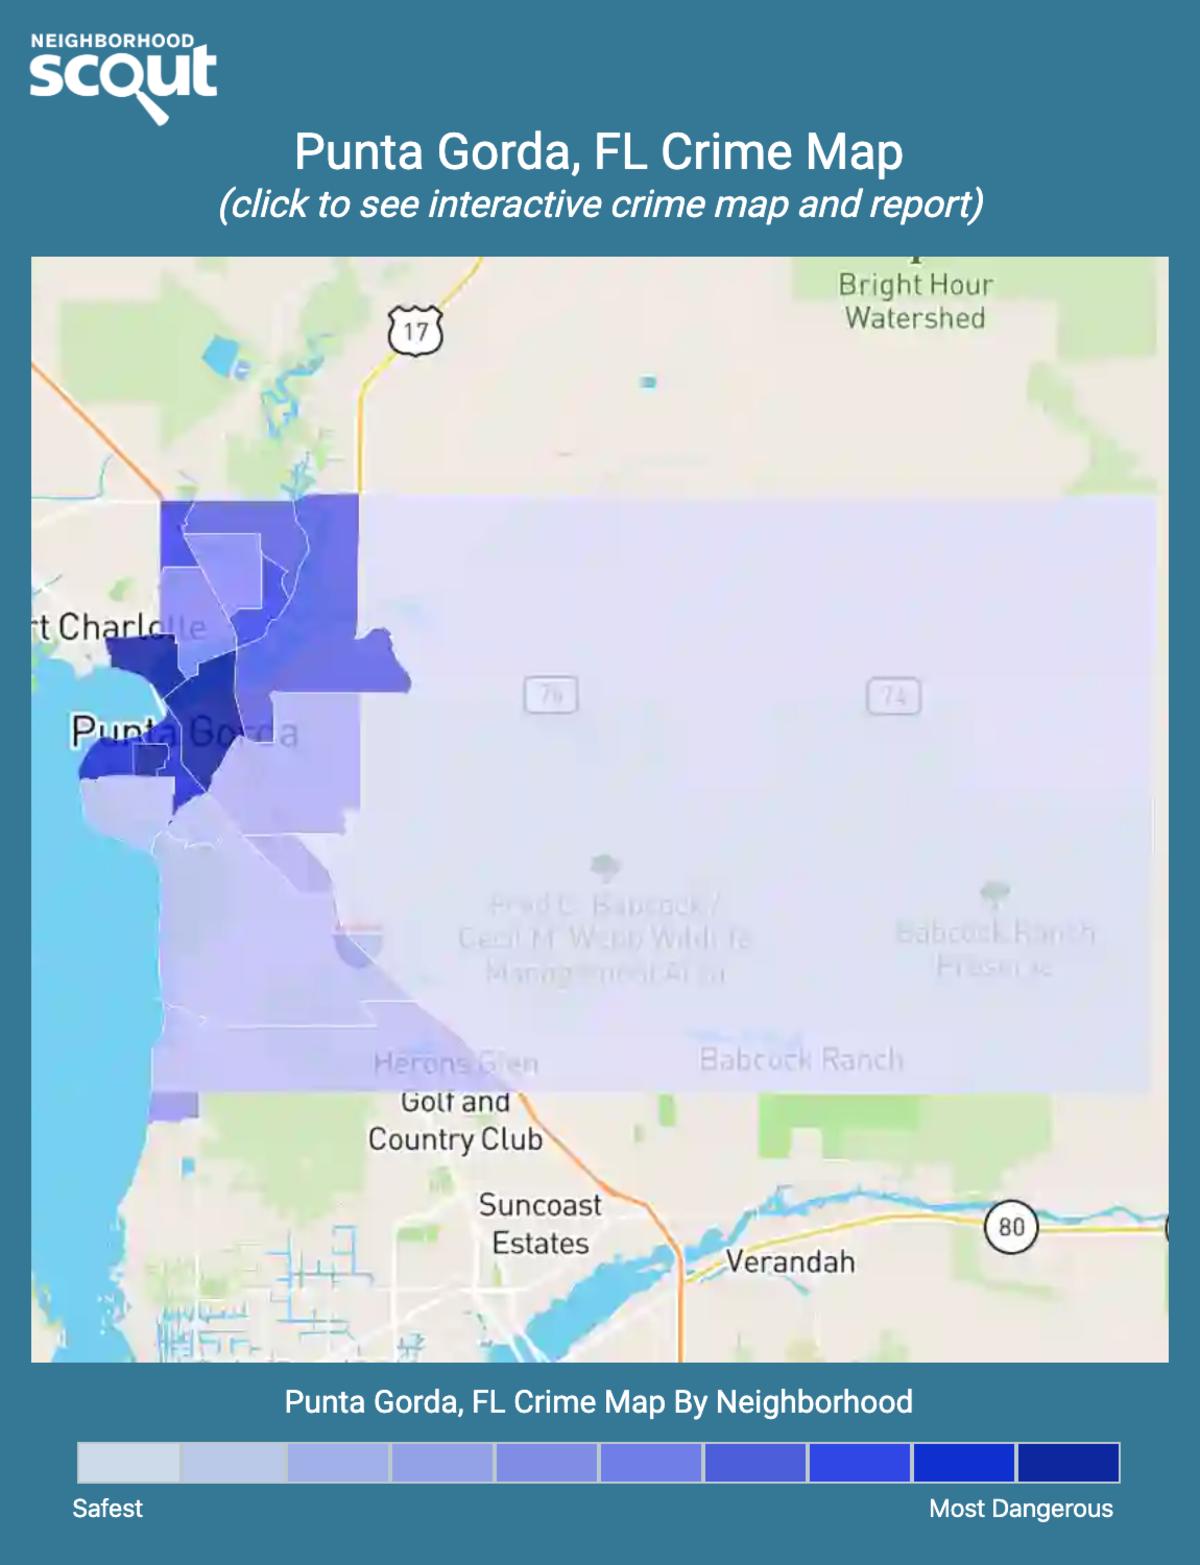 Punta Gorda, Florida crime map